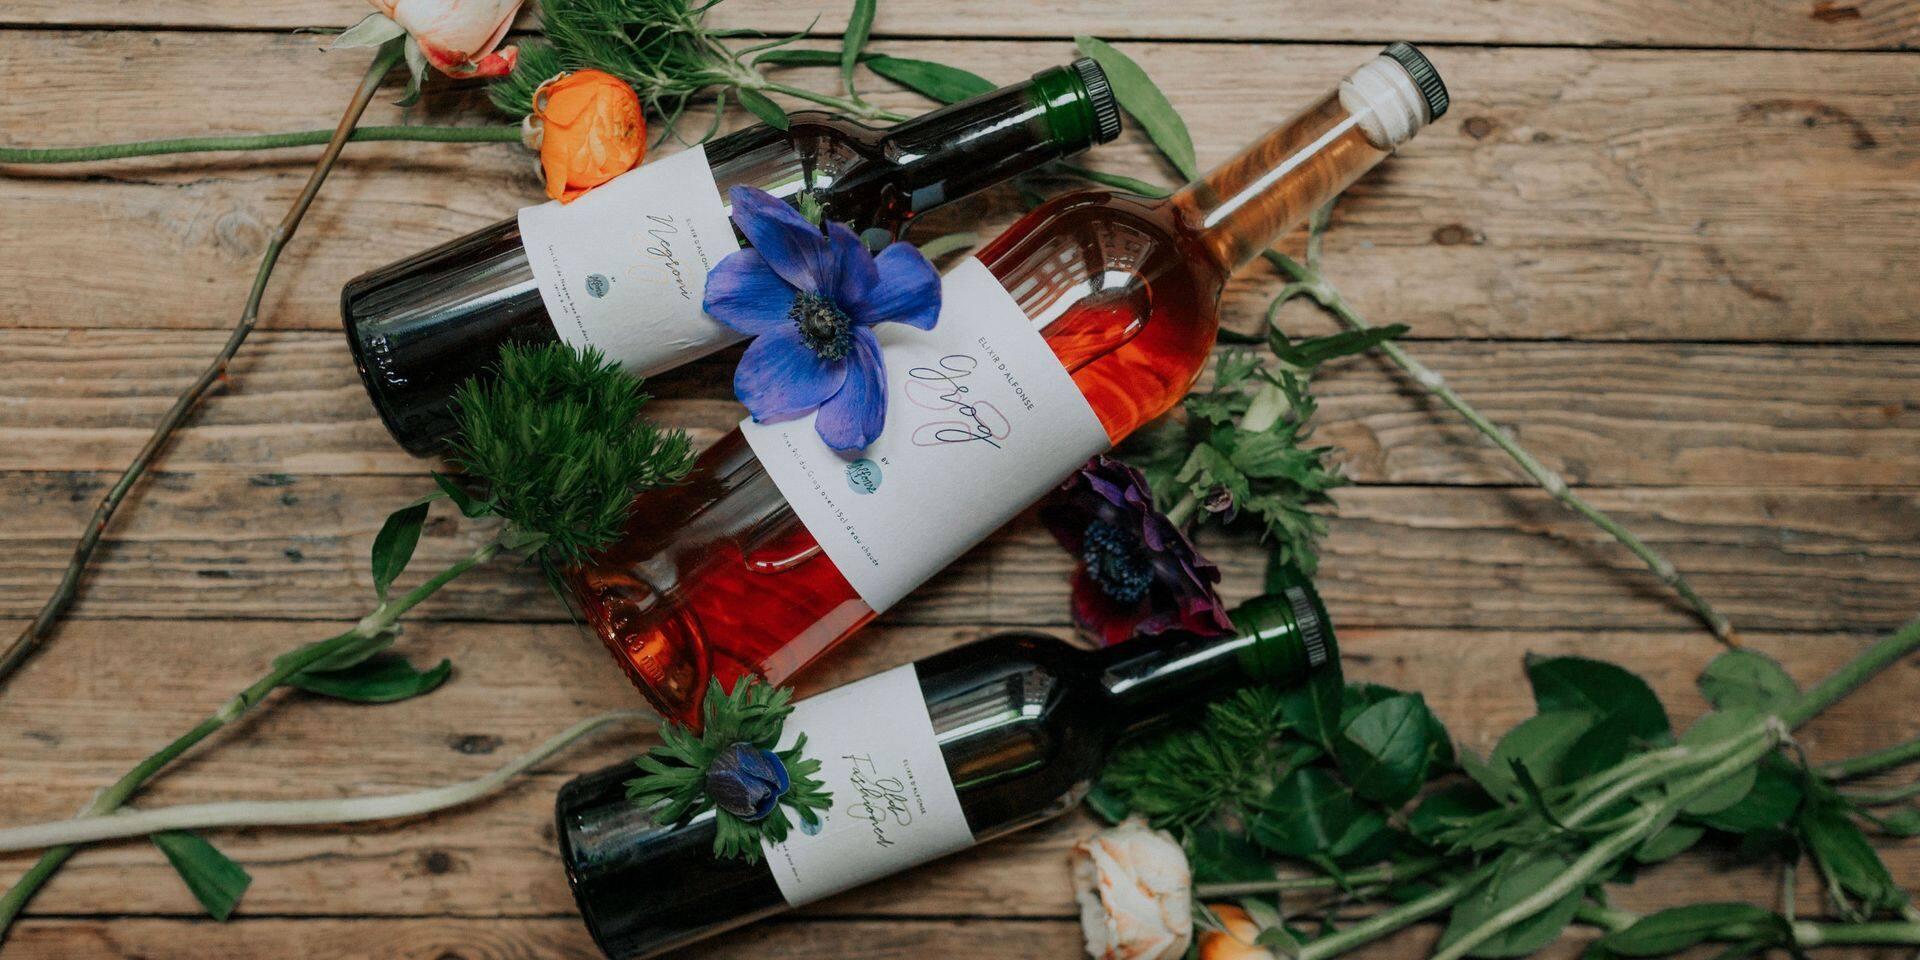 Botanical by Alfonse livre ses cocktails à domicile et lance sa boutique en ligne